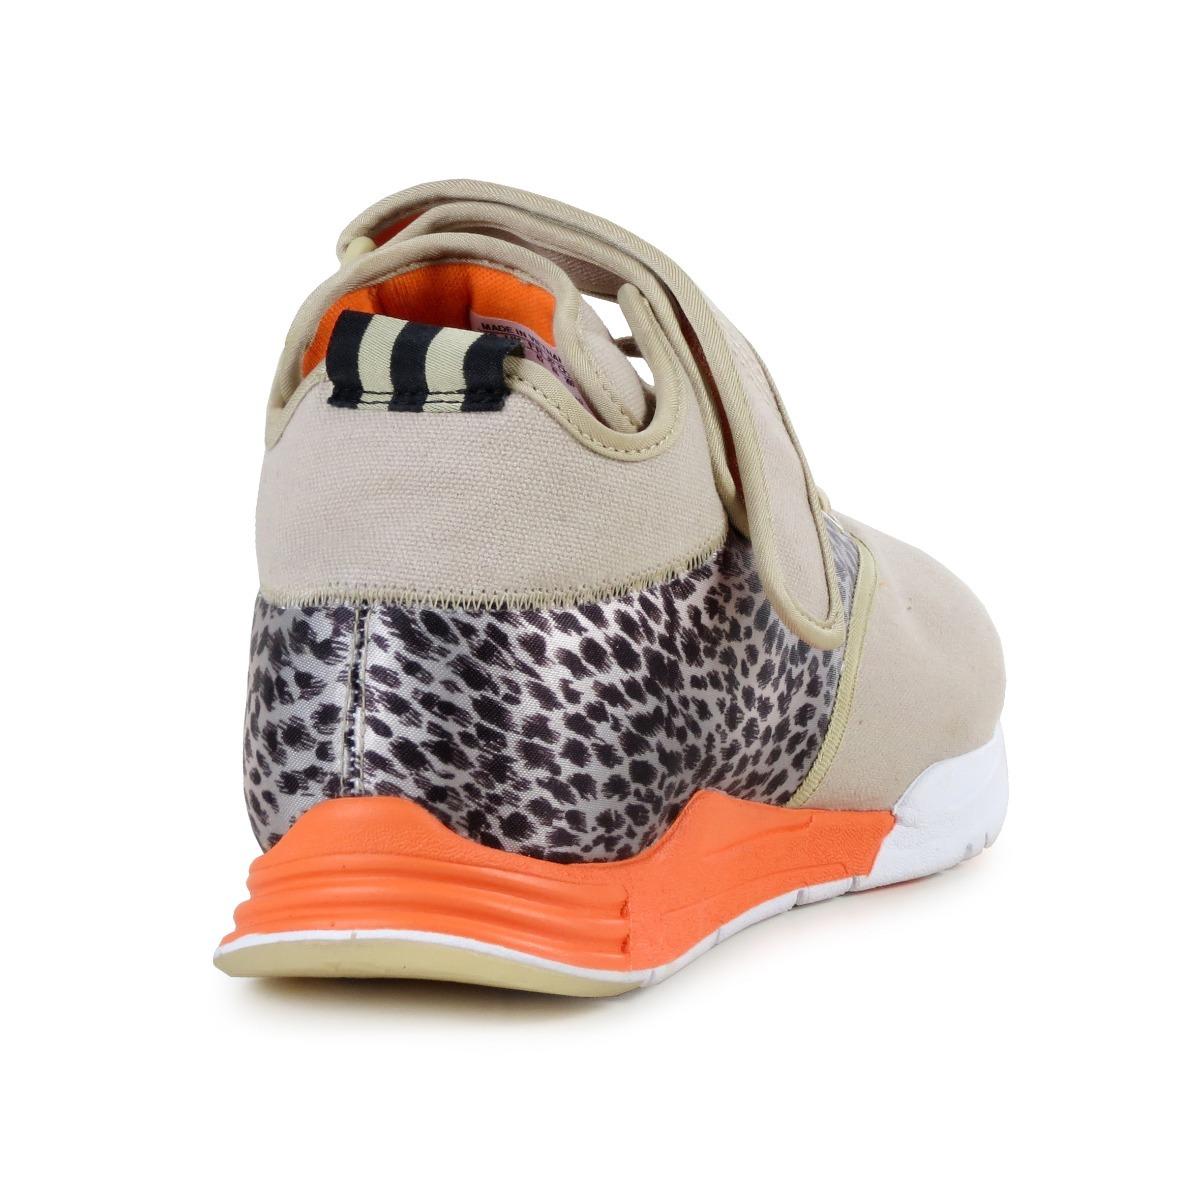 Cargando zoom... super oferta zapatillas botas adidas mujer lona animal  print d687e064afcfe